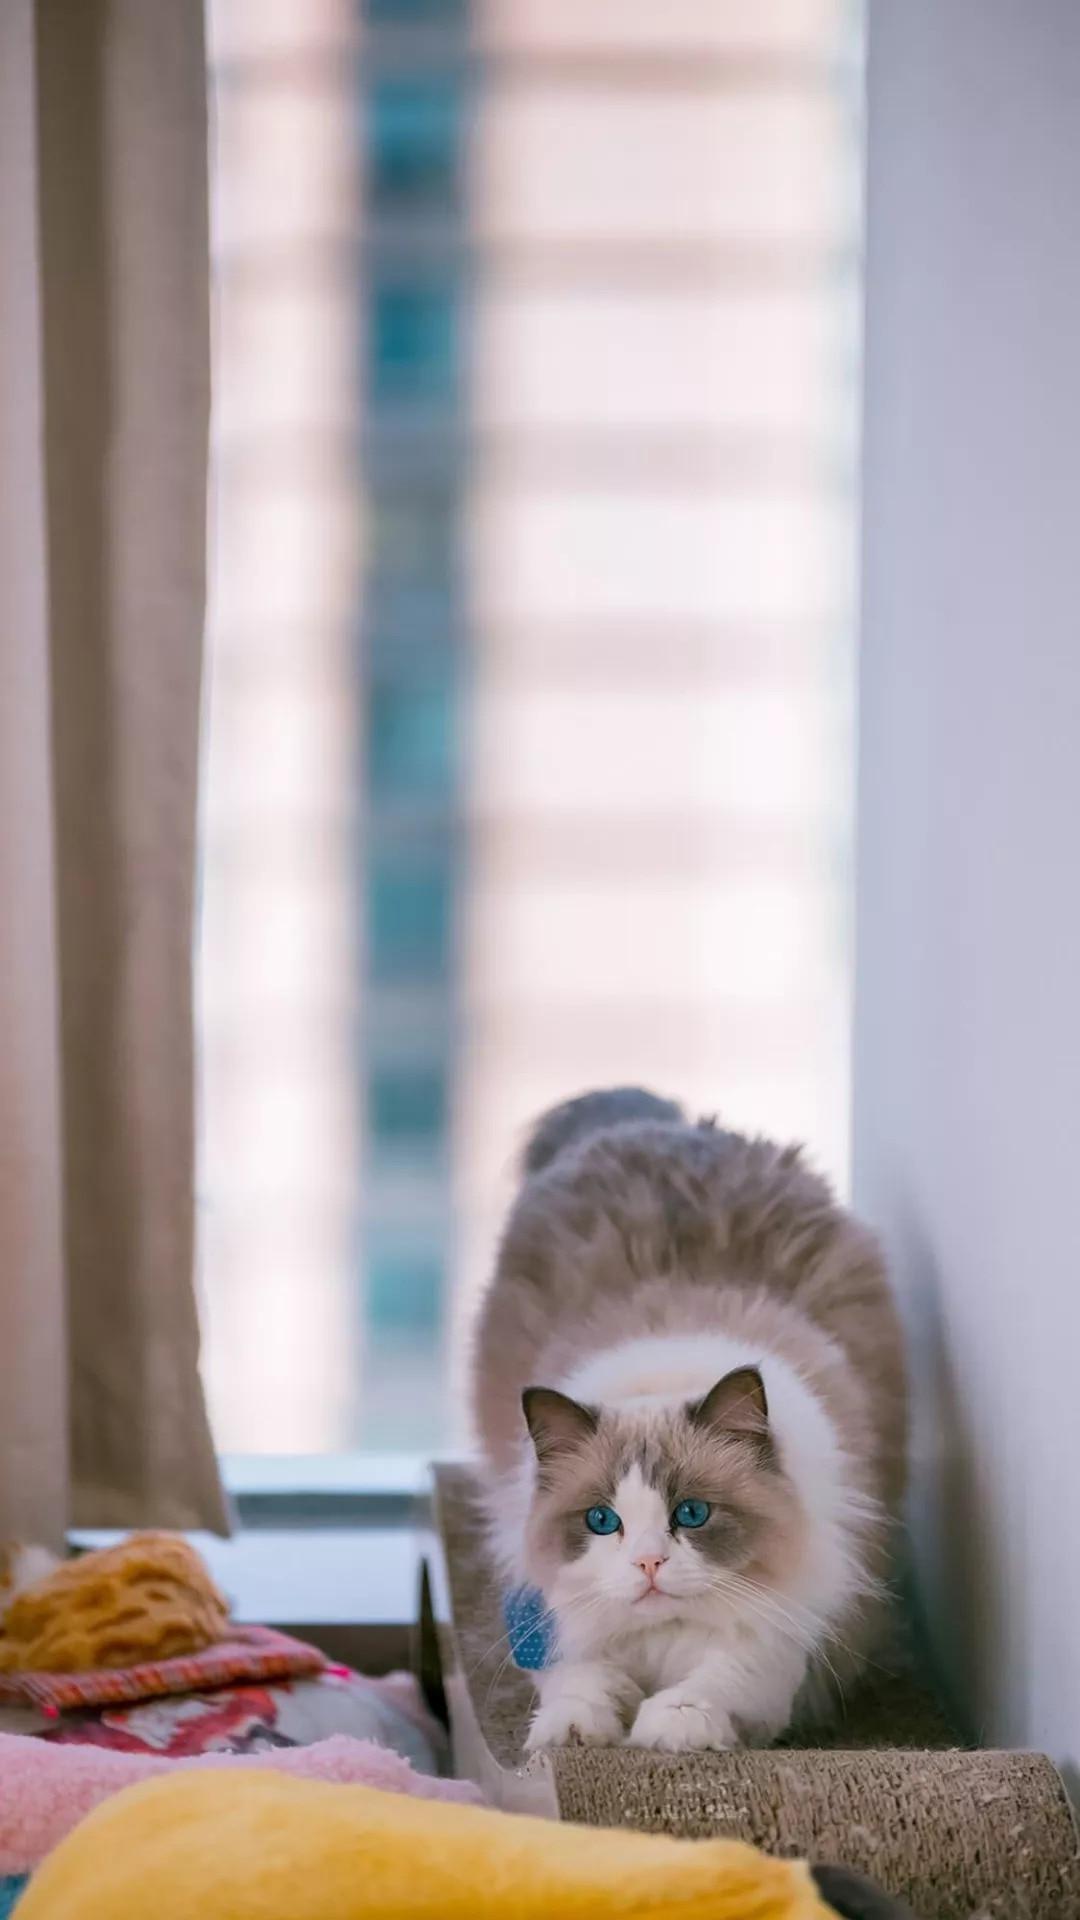 猫片壁纸 :生活不断拍打我们的脸皮,最后不是脸皮厚了,是肿了!插图3